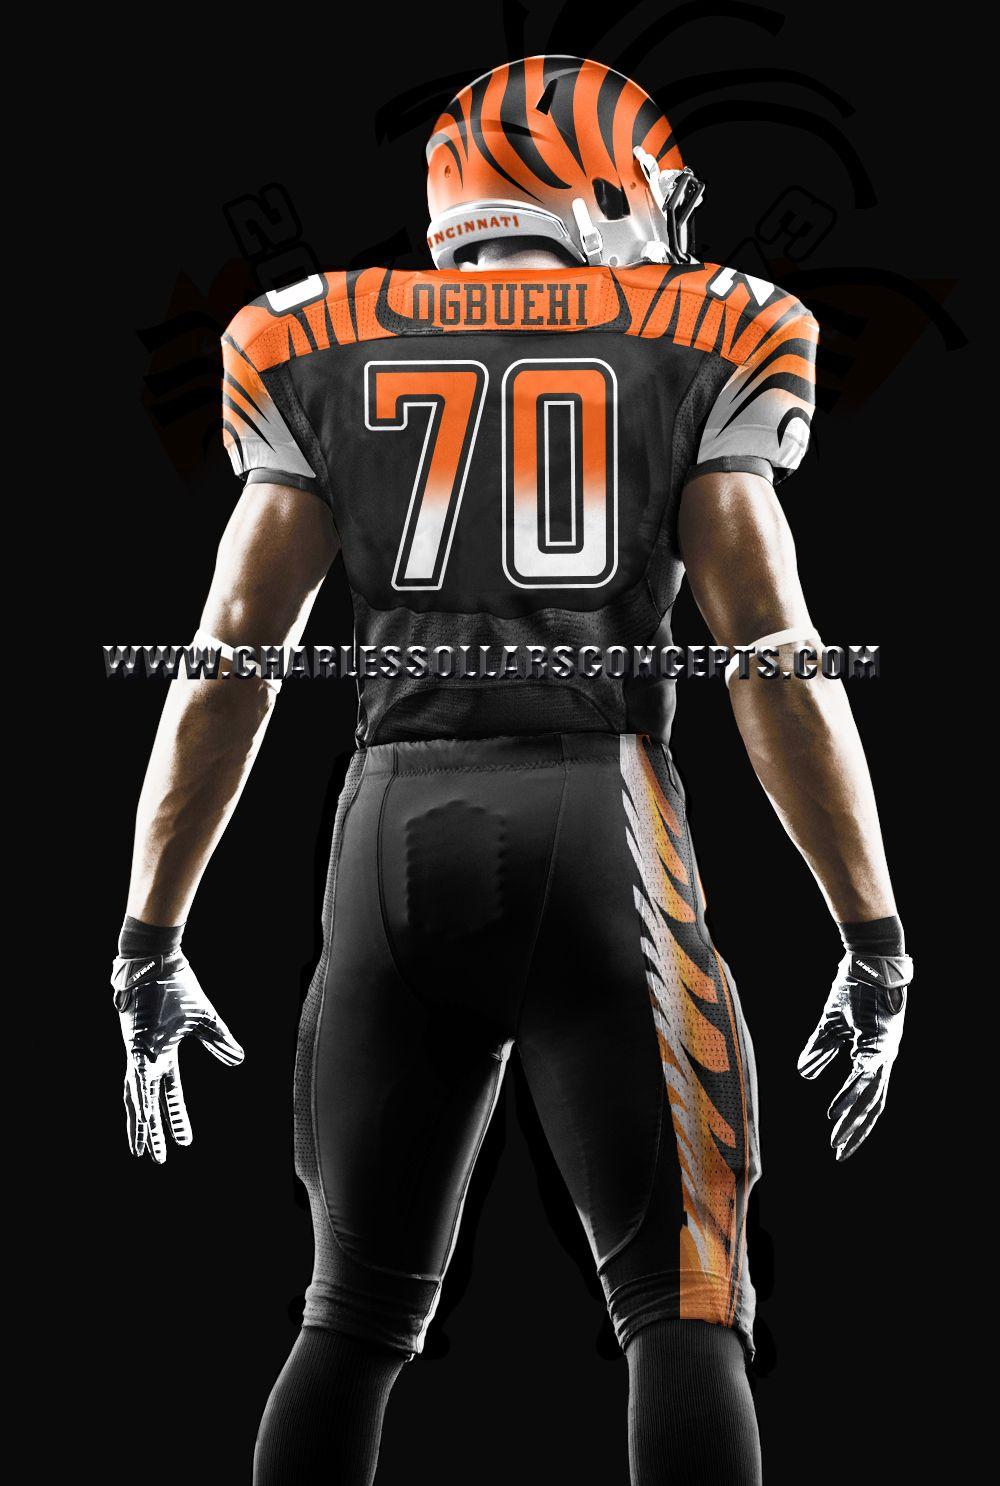 d2c359b5a bengals cedric | Helmets and Uniforms | Cincinnati bengals, Nfl ...